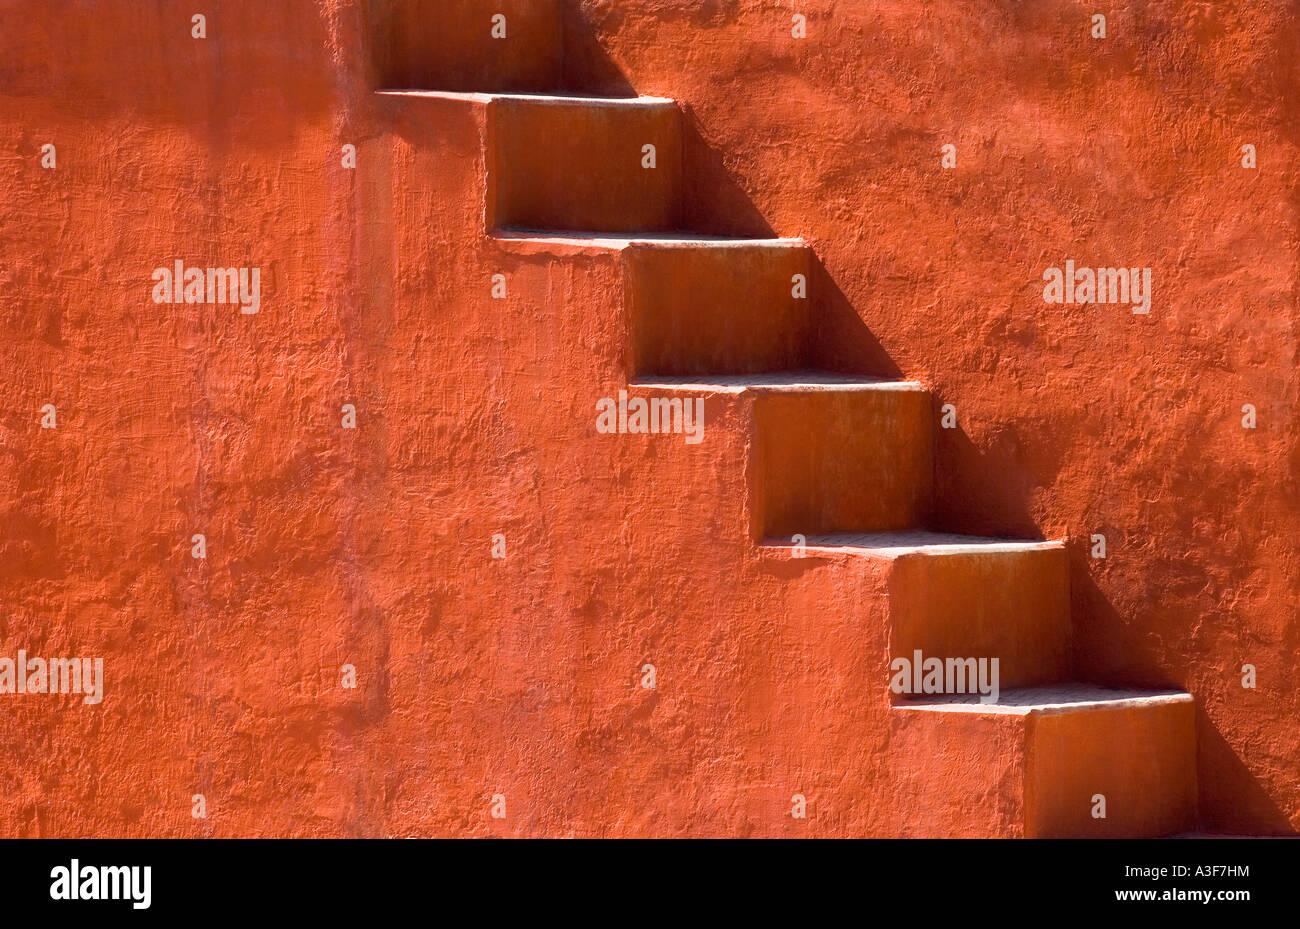 Passos sobre um edifício, Jantar Mantar, Nova Deli, Índia Imagens de Stock